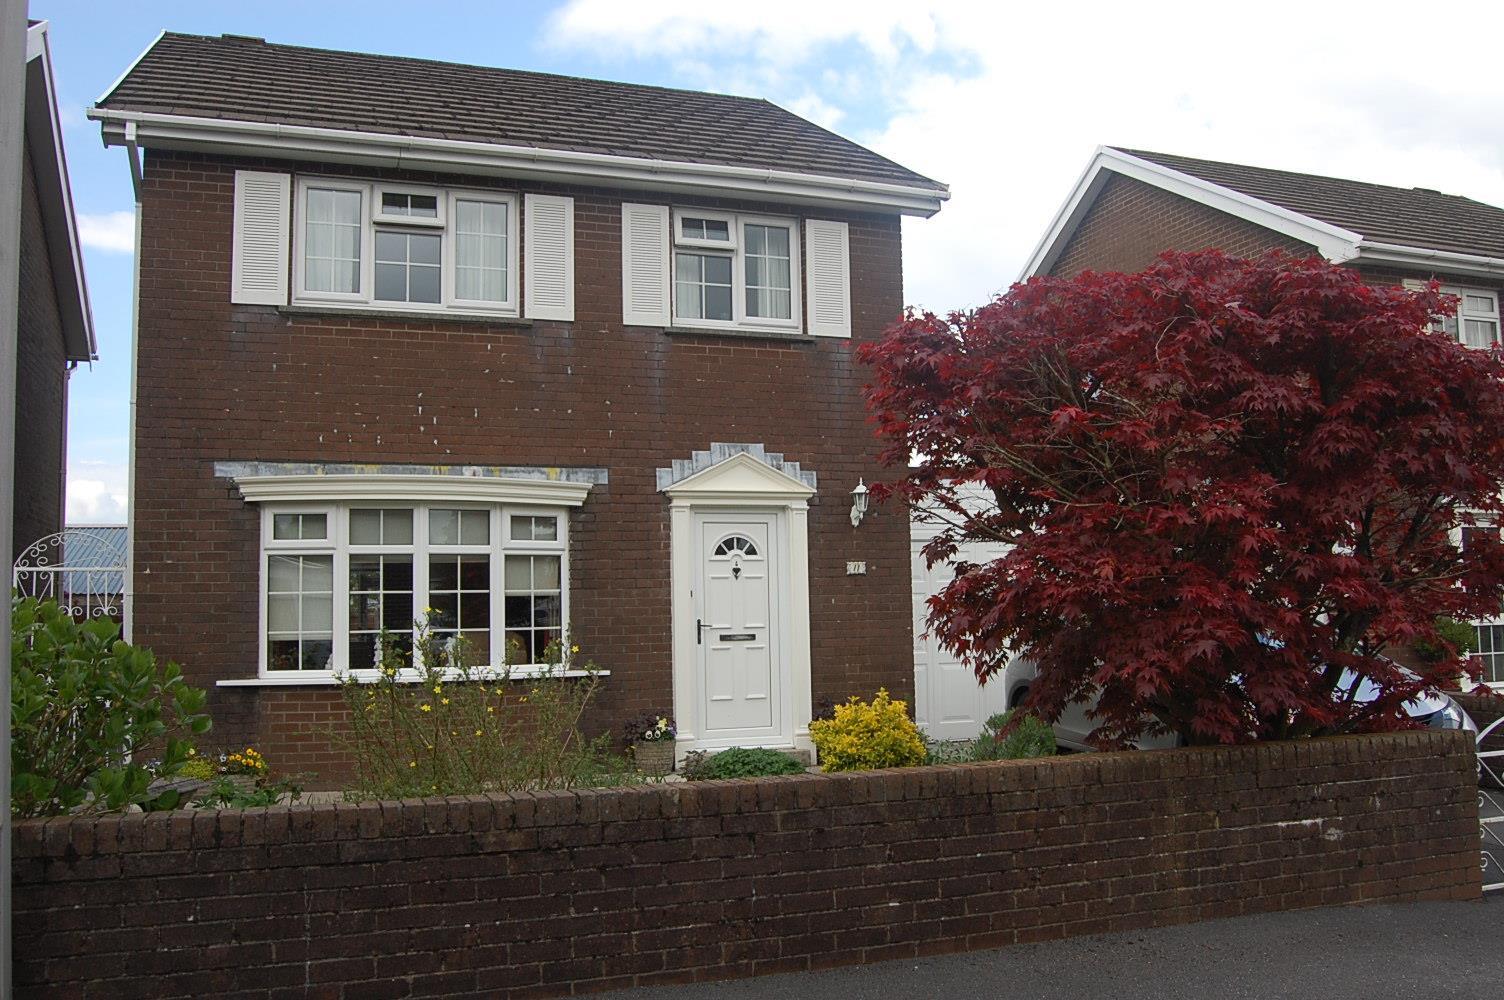 11 Stewart Drive, Ammanford, Carmarthenshire